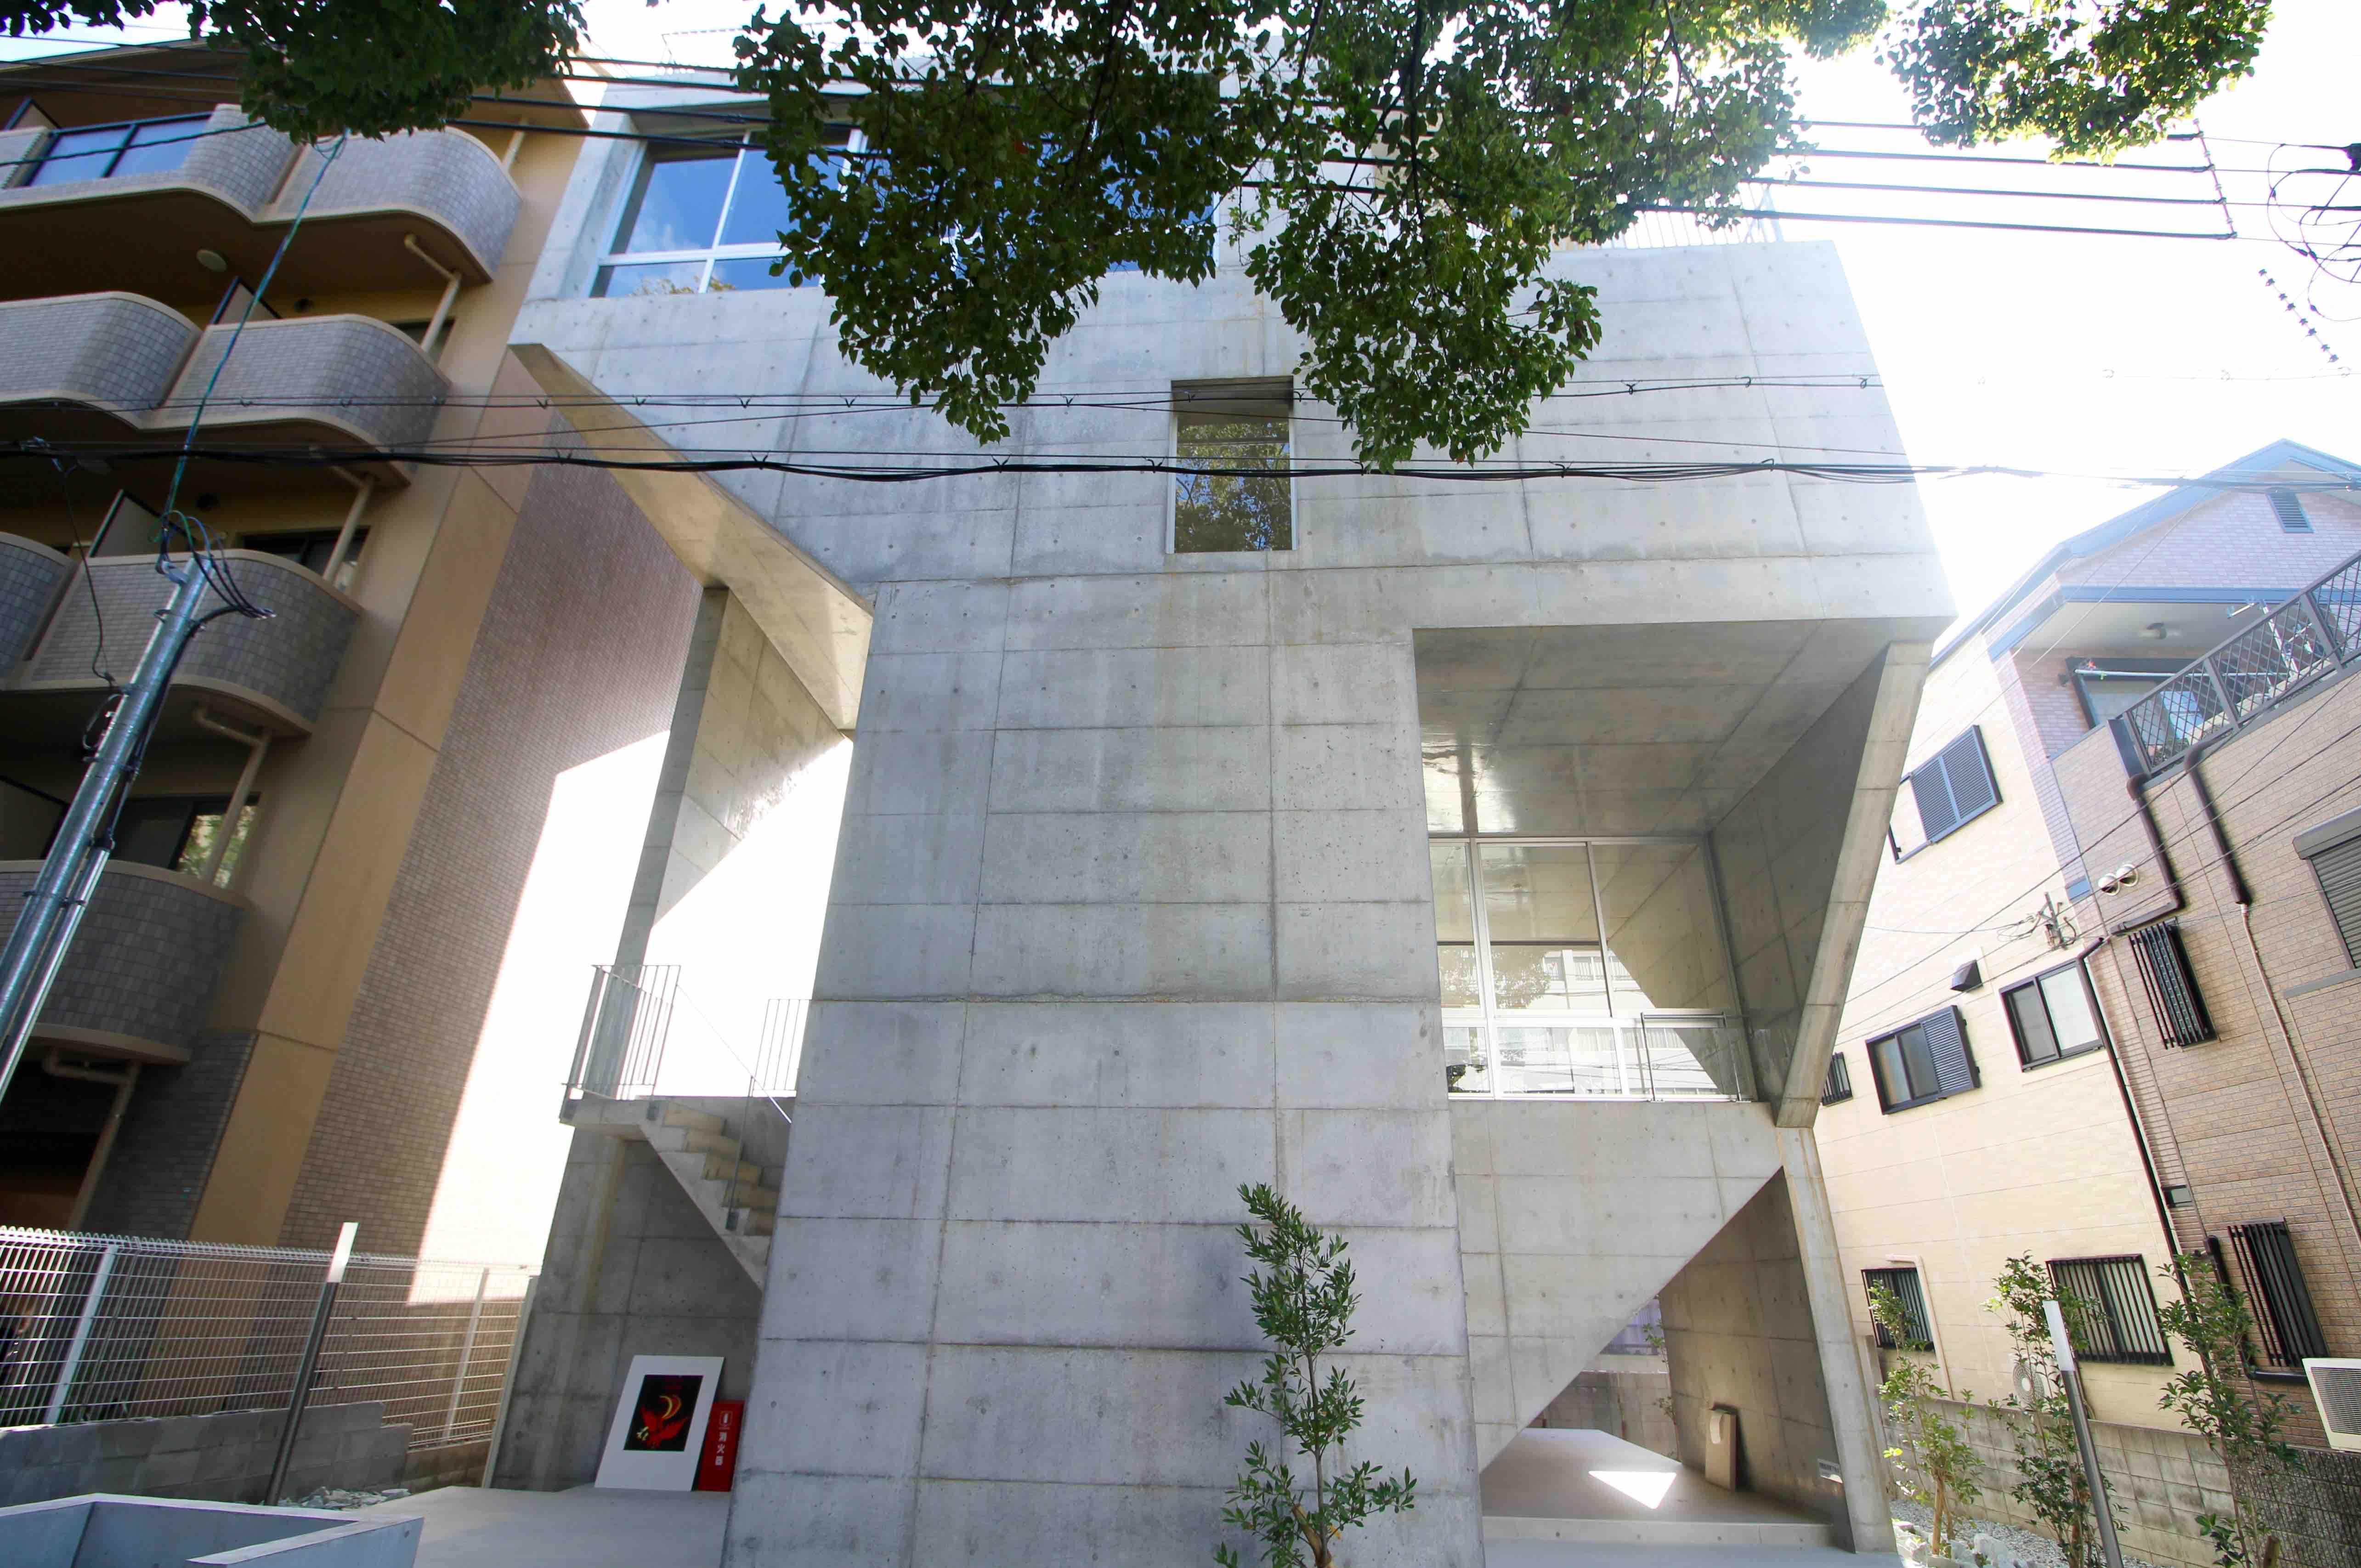 目を引くコンクリートの造形物のような個性的な建物